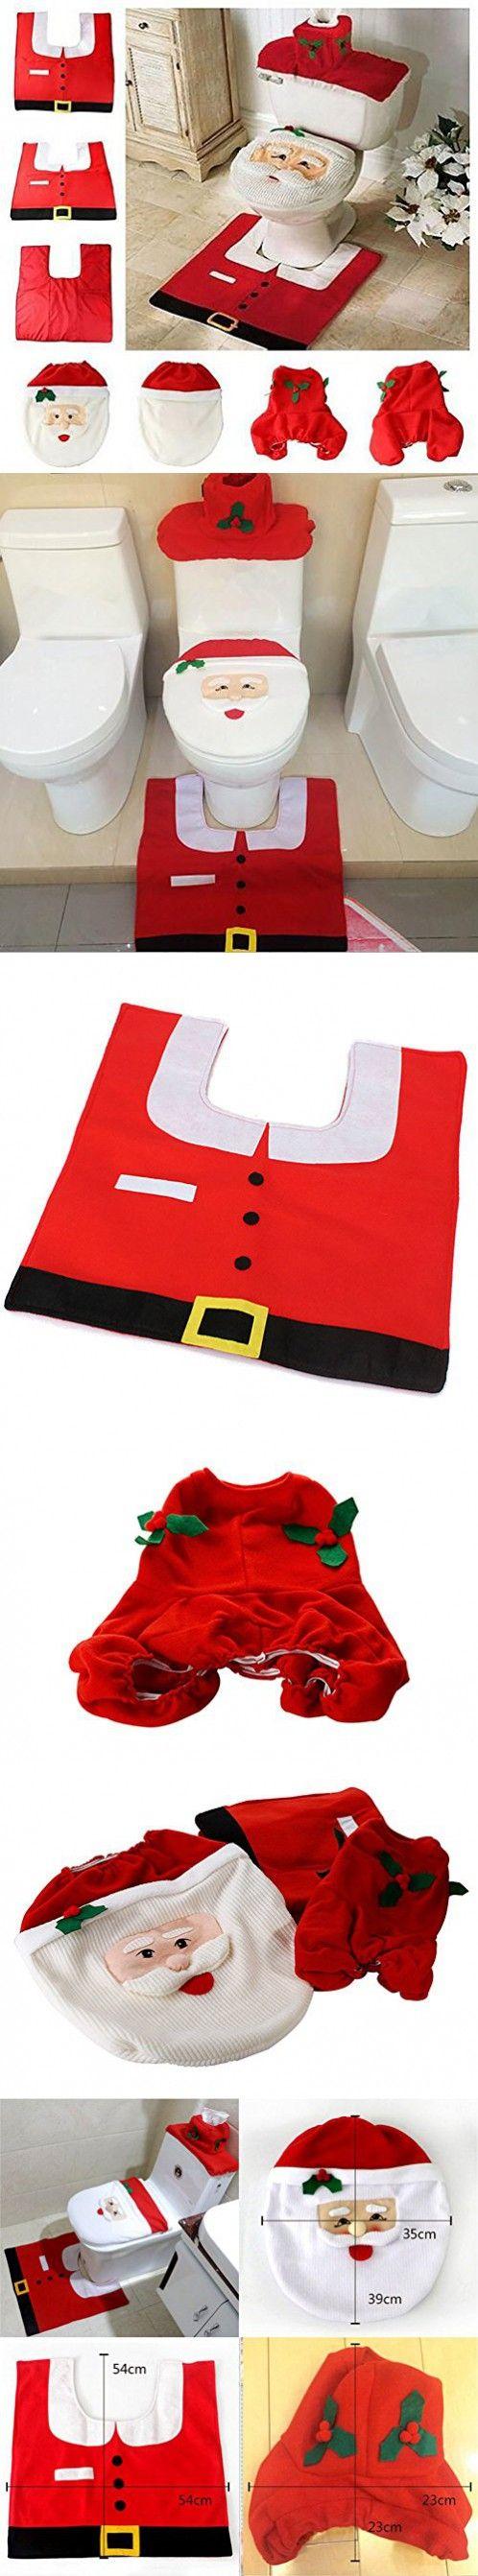 Die besten 25+ Rote toilettensitze Ideen auf Pinterest | Halloween ...